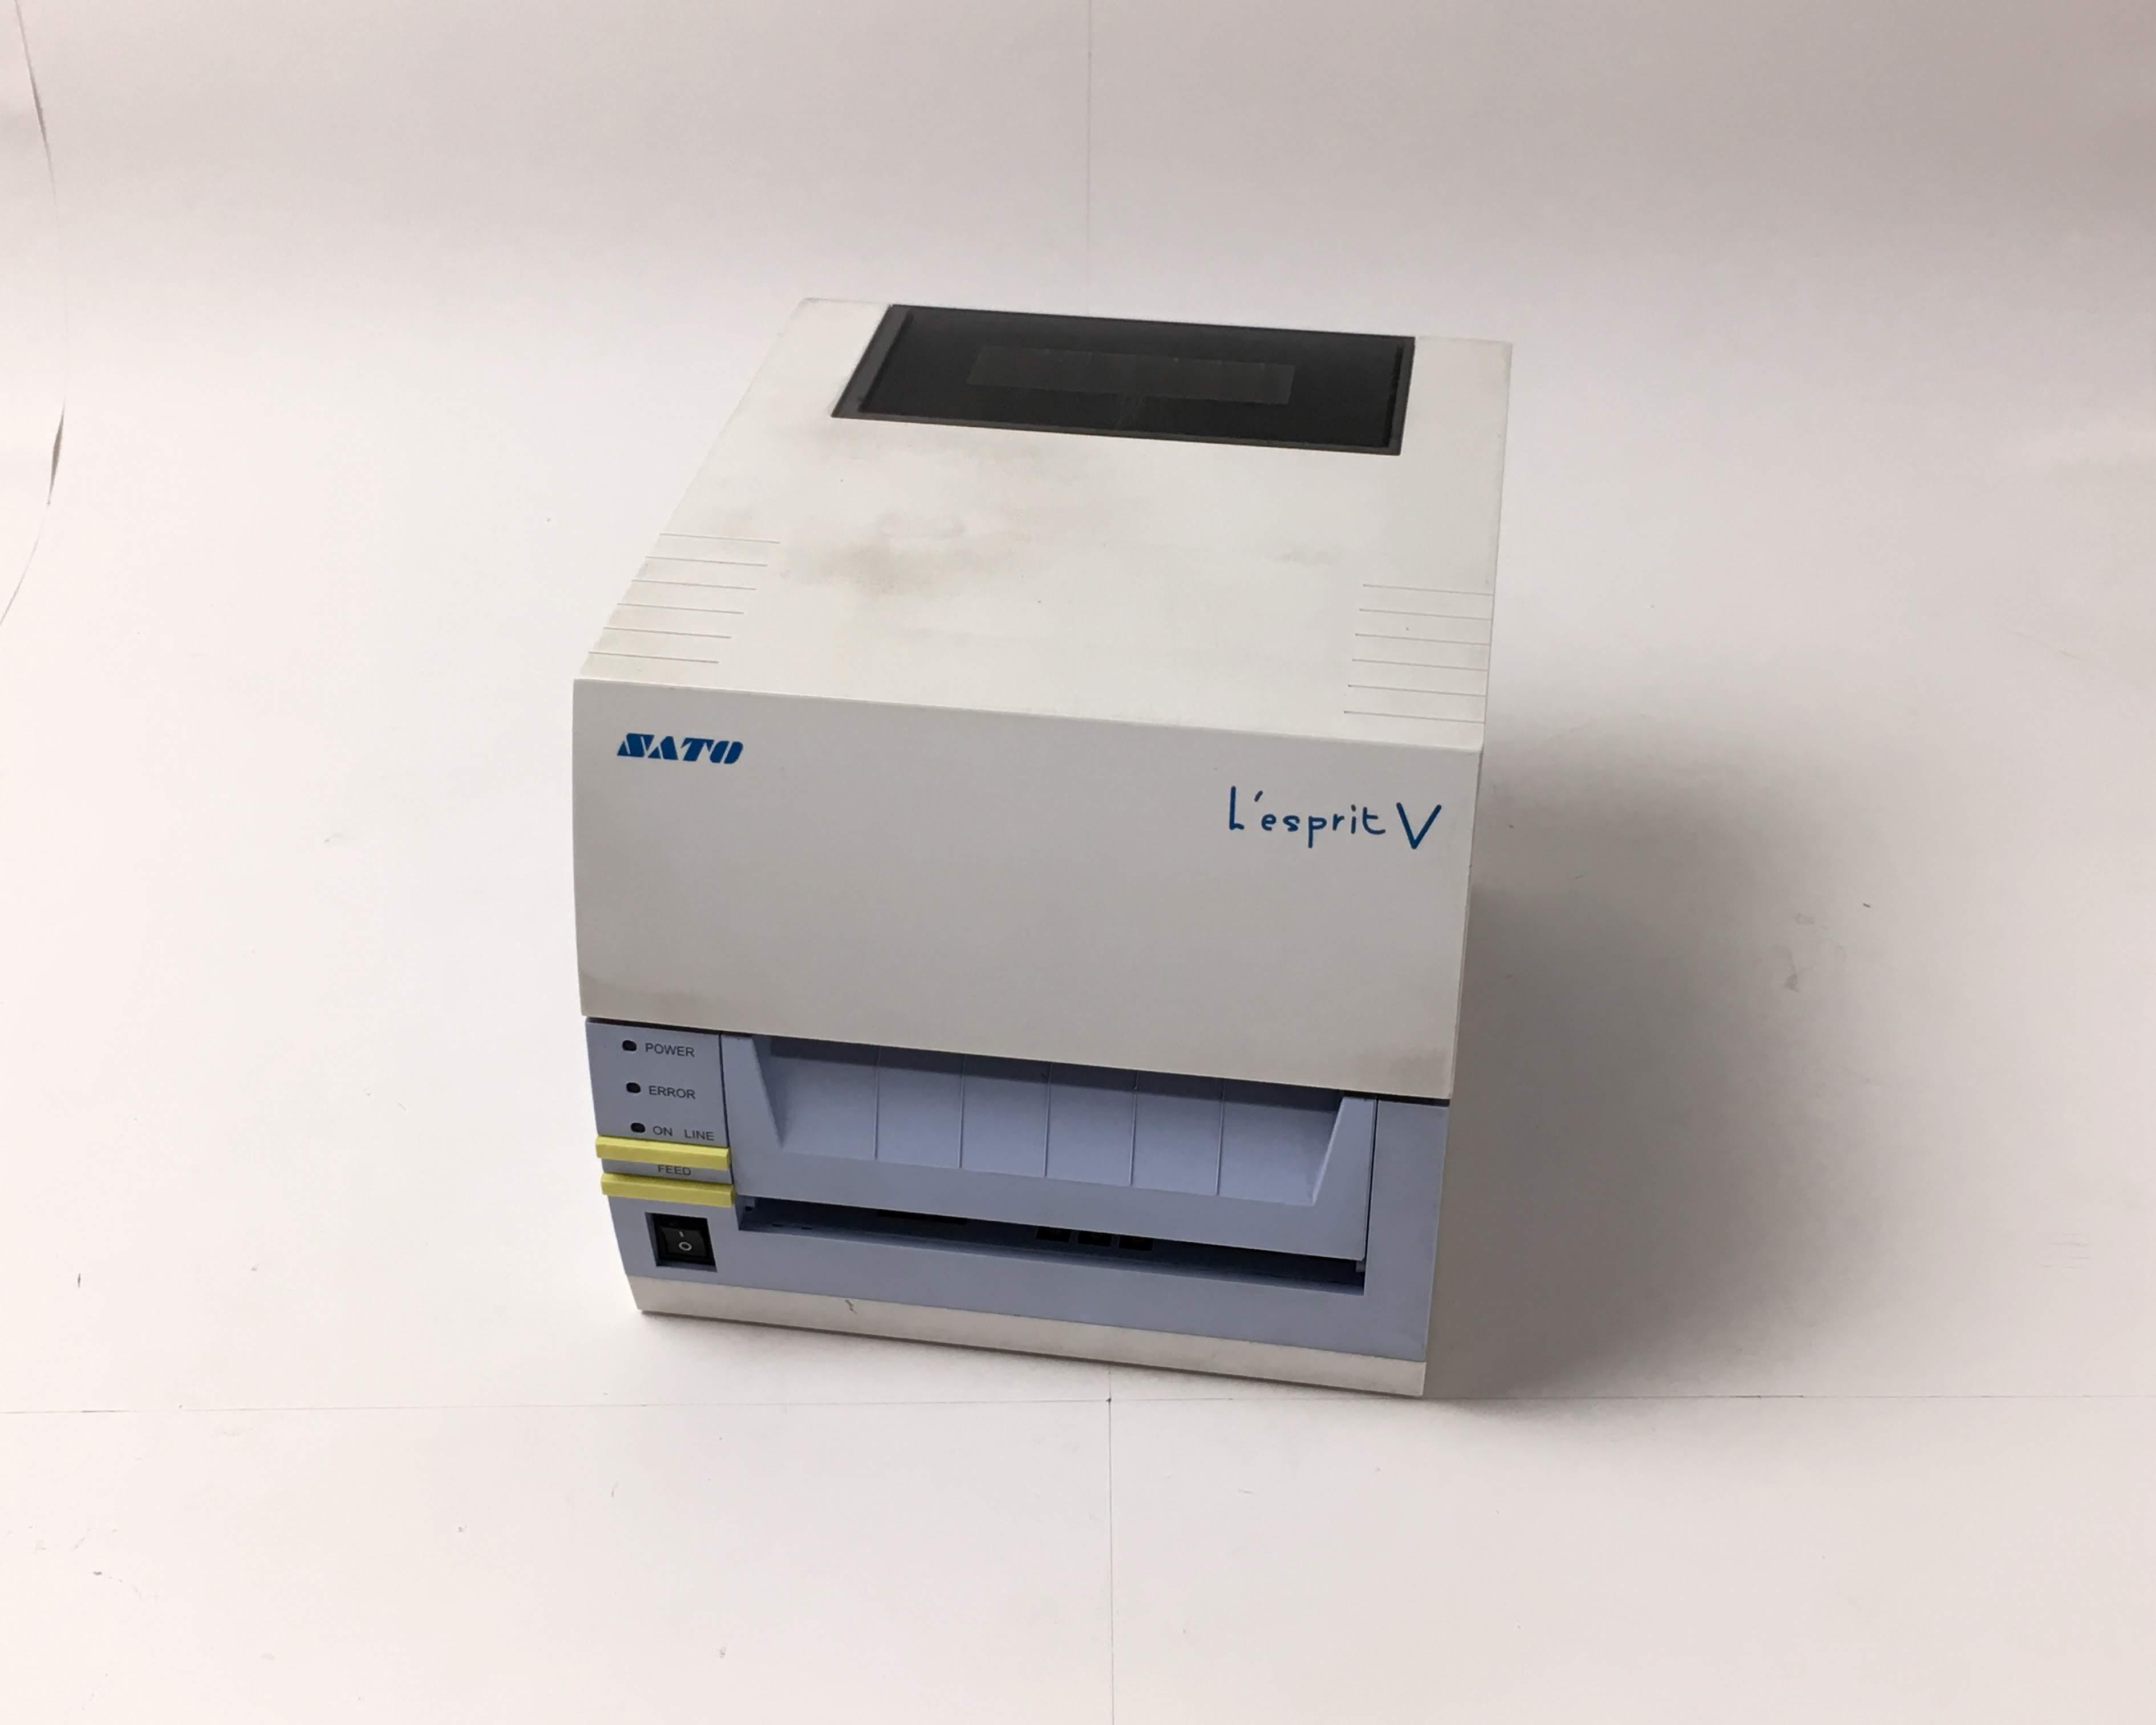 【お買得中古】SATO レスプリ(Lesprit) T408v CT (USB/RS232C) メイン画像